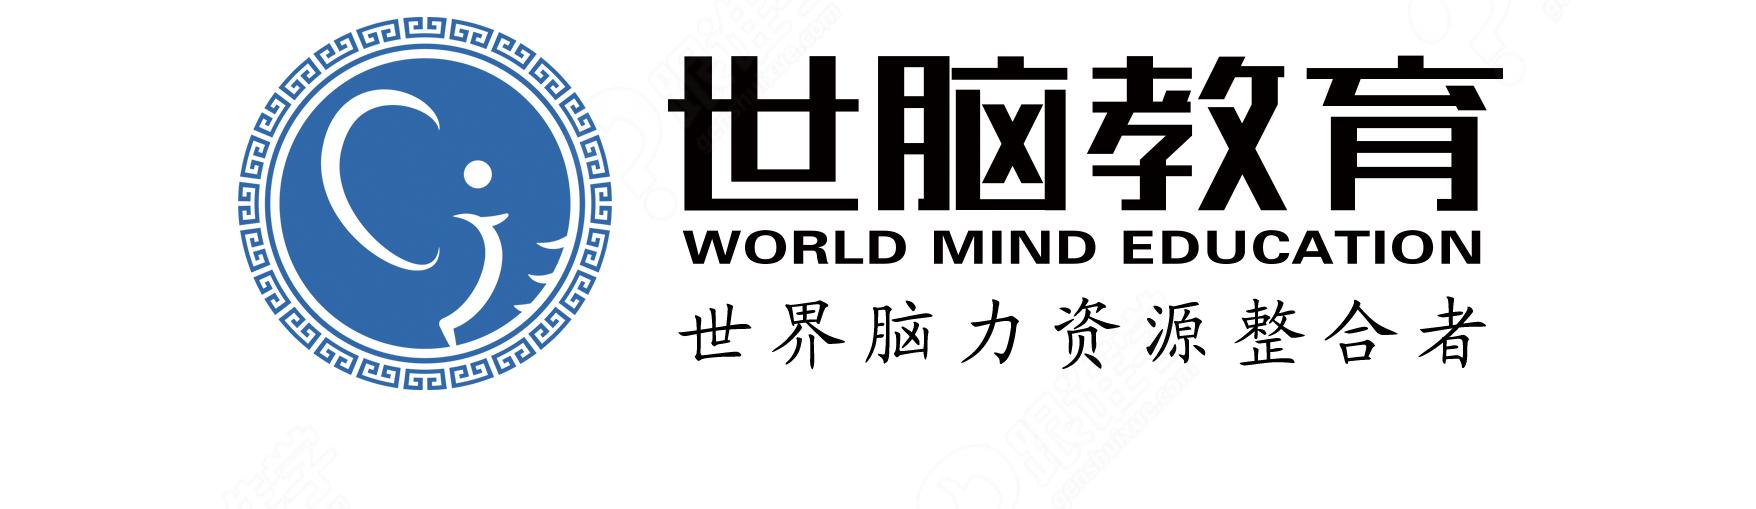 logo logo 标志 设计 矢量 矢量图 素材 图标 1756_509